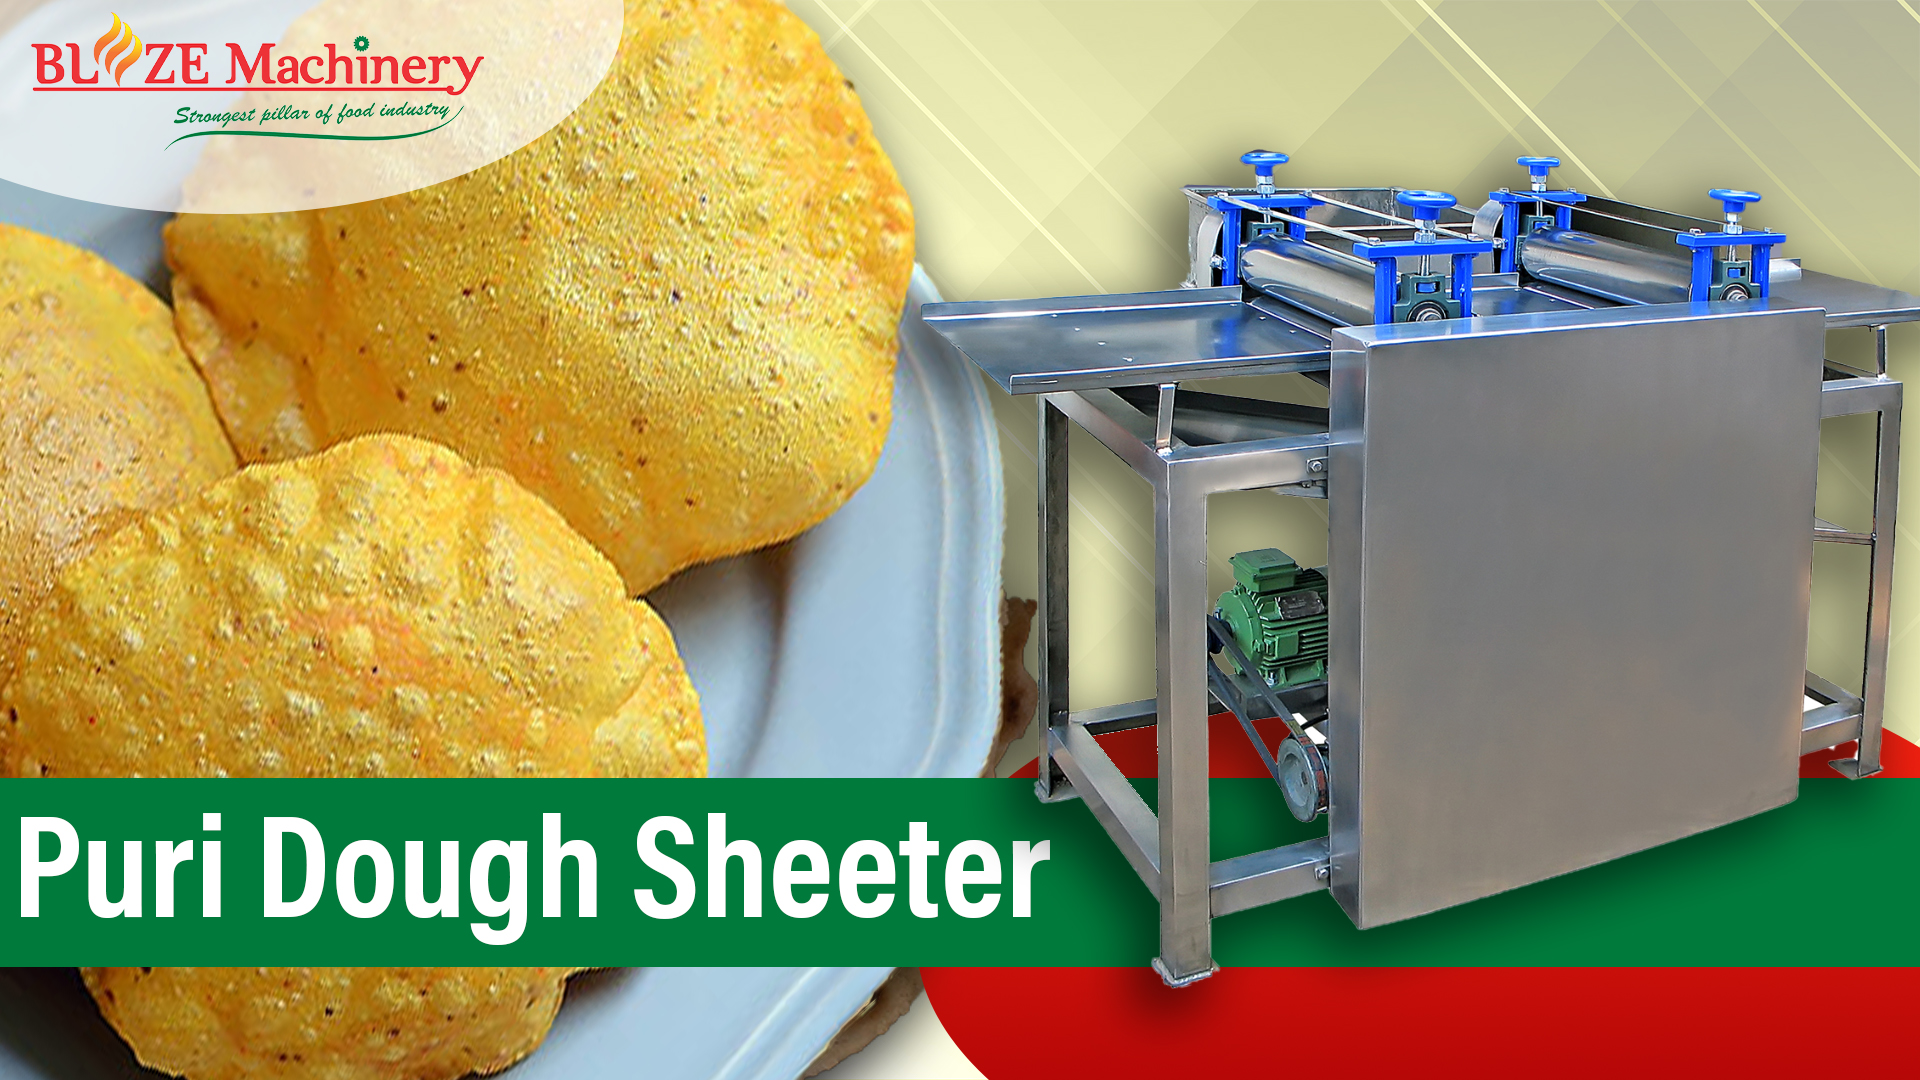 Puri Dough Sheeter